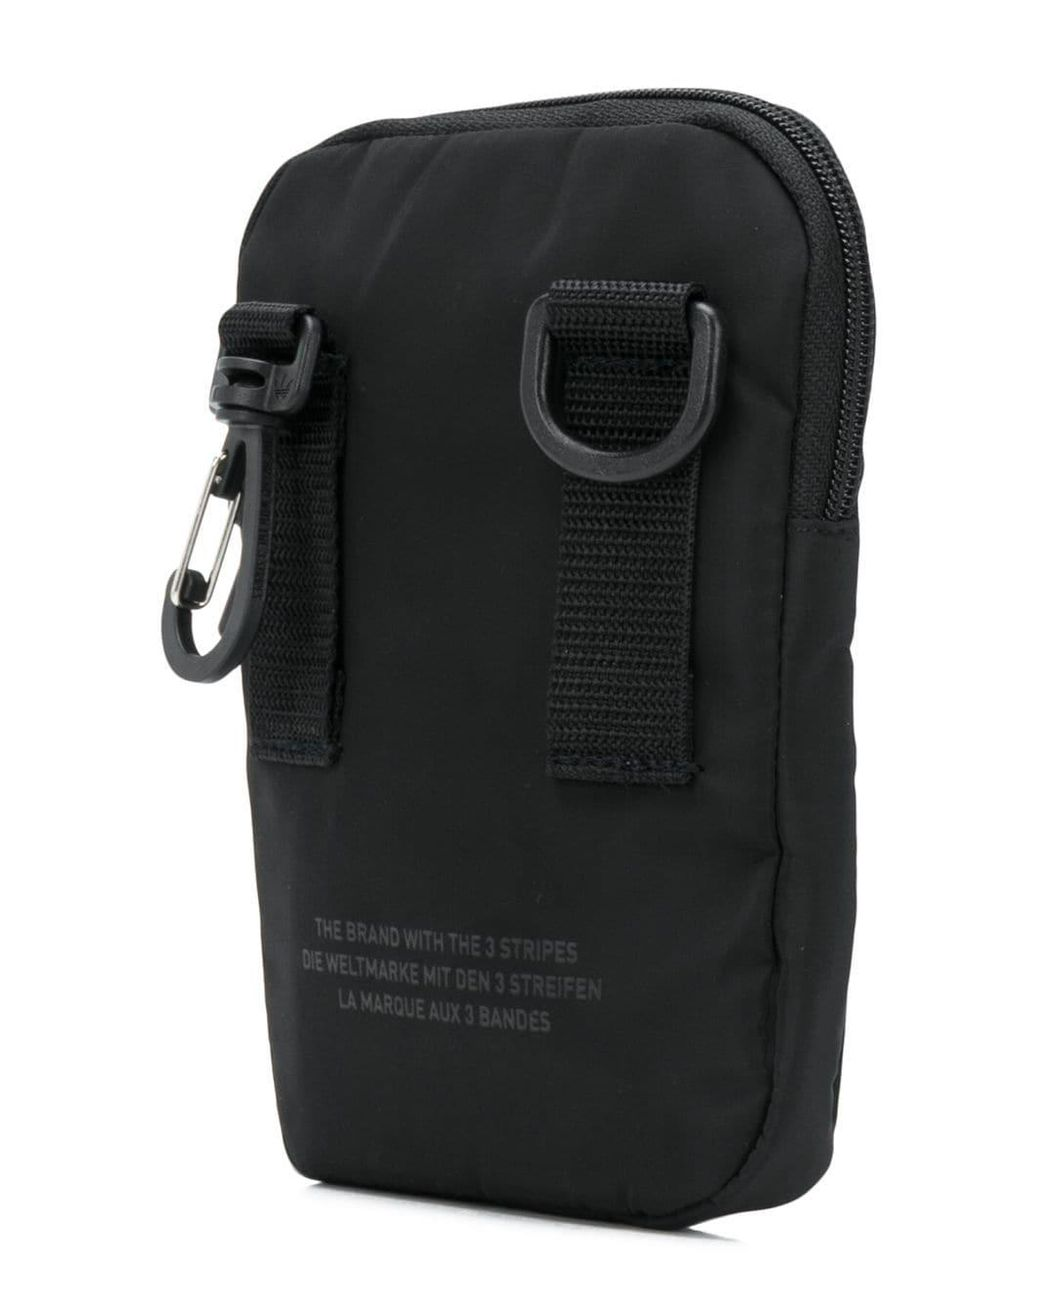 5b27cc9e7b7 adidas Shell Crossbody Bag in Black - Lyst